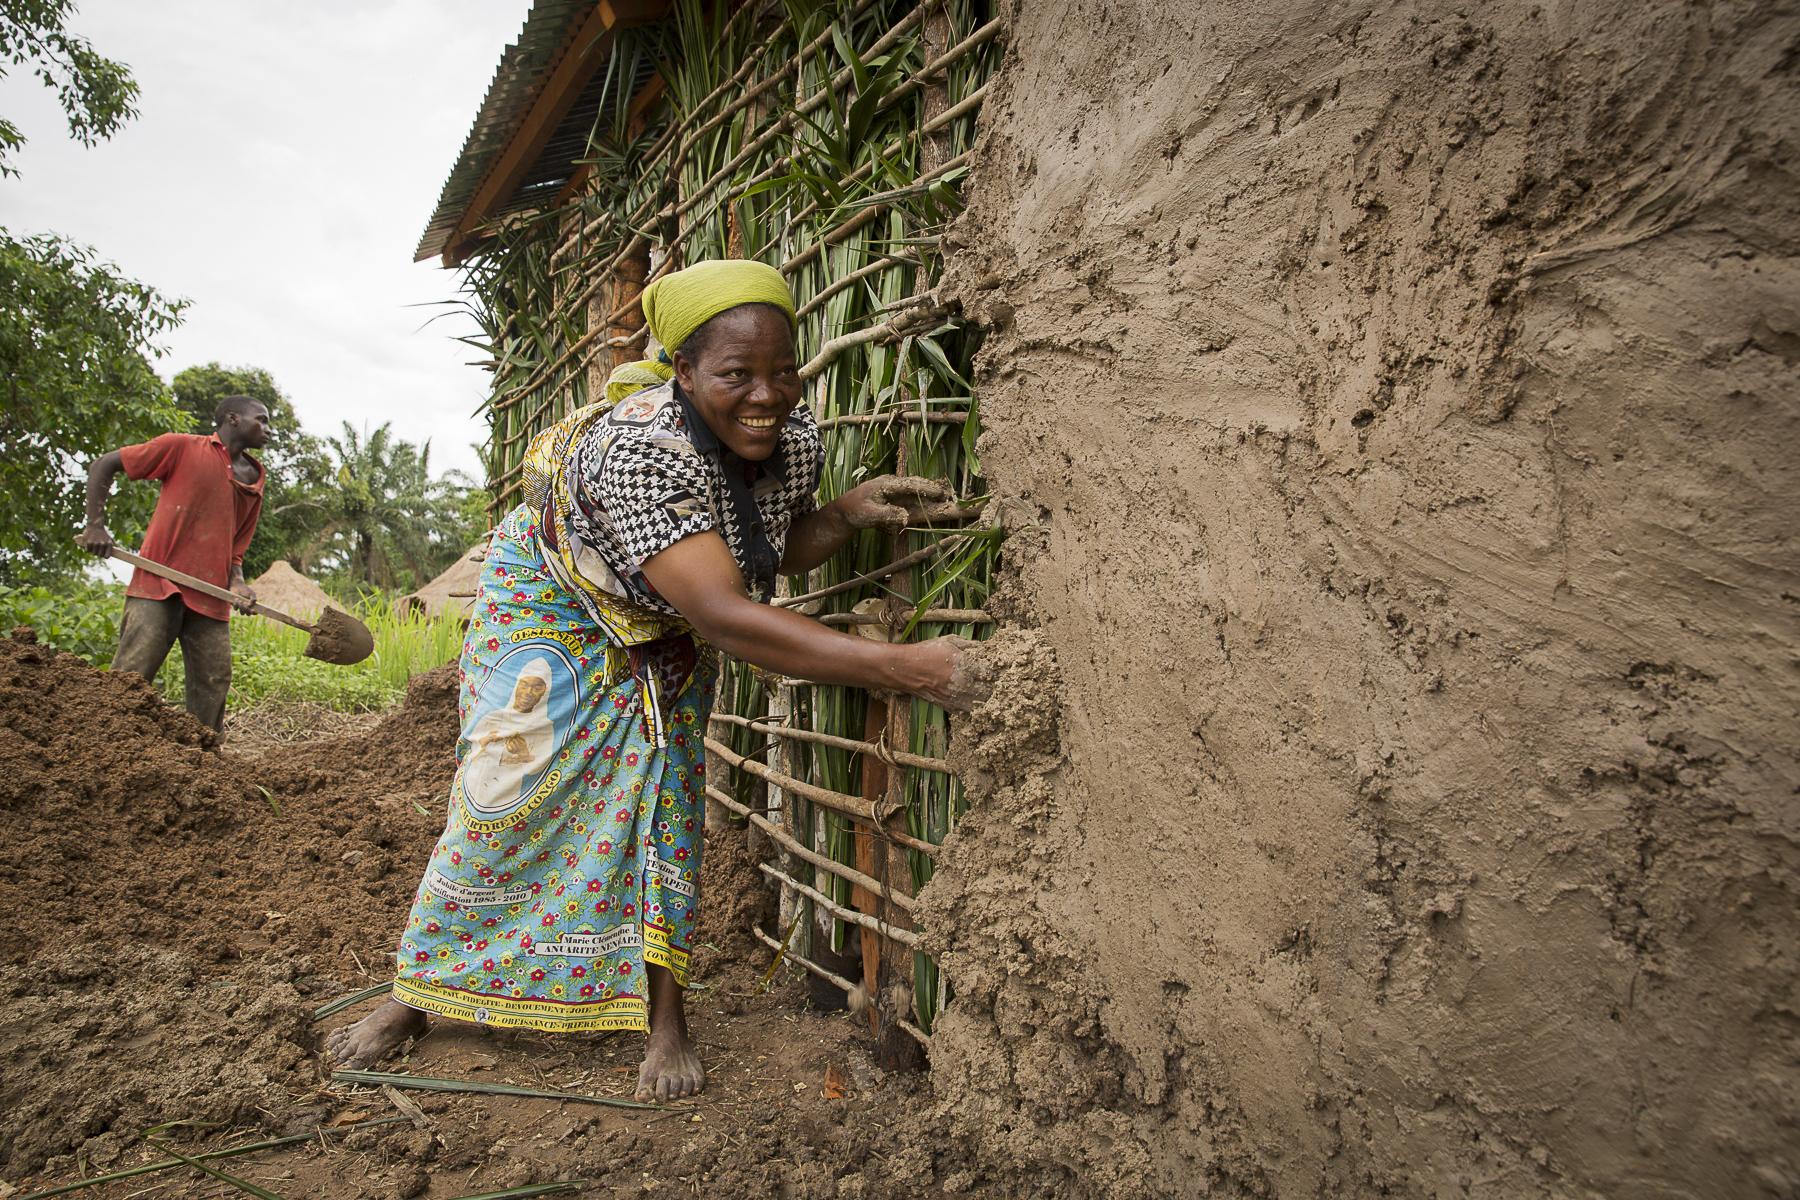 Soeur Angélique Namaika lauréate du Prix Nansel du Haut commissariat de L\'ONU pour les réfugiés(lUNHCR) pour son action auprès des femmes du nord de la RDC et plus particulièrement les femmes et les enfants victimes des exactions de la LRA du tristement célèbre Joseph Kony.soeur Angélique sur veille la construction de la nouvelle maison pour les enfants qu\'elle a financée avec le prix Nansel, elle participe à la pose du pisé sur les murs.